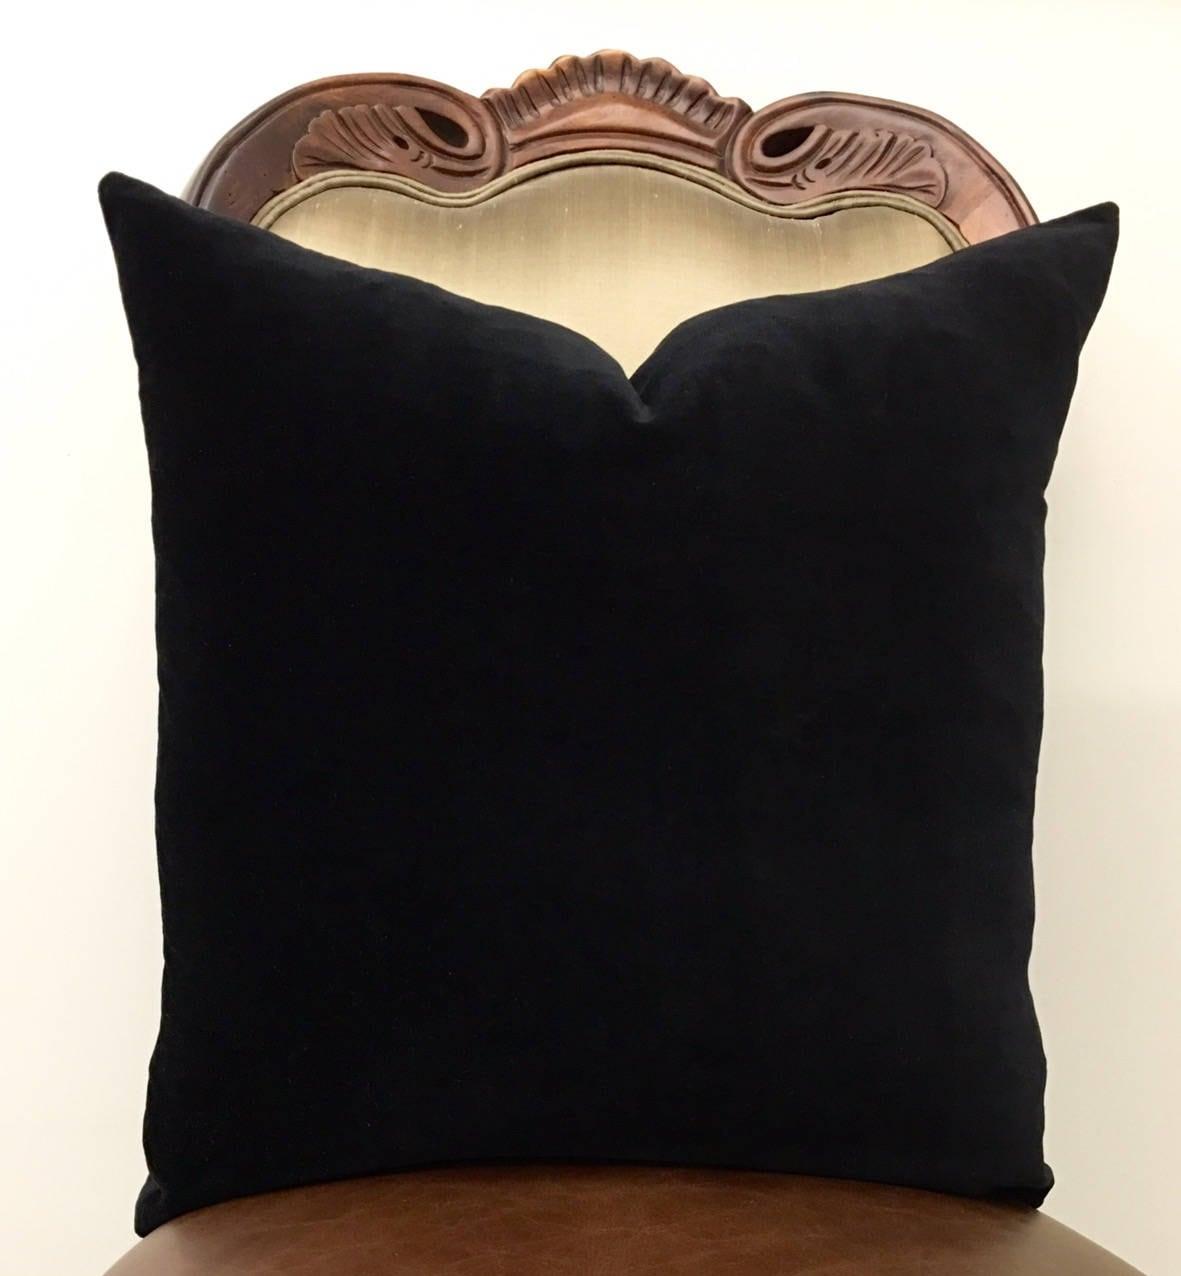 Luxury Black Throw Pillows Velvet Pillow Cover Black